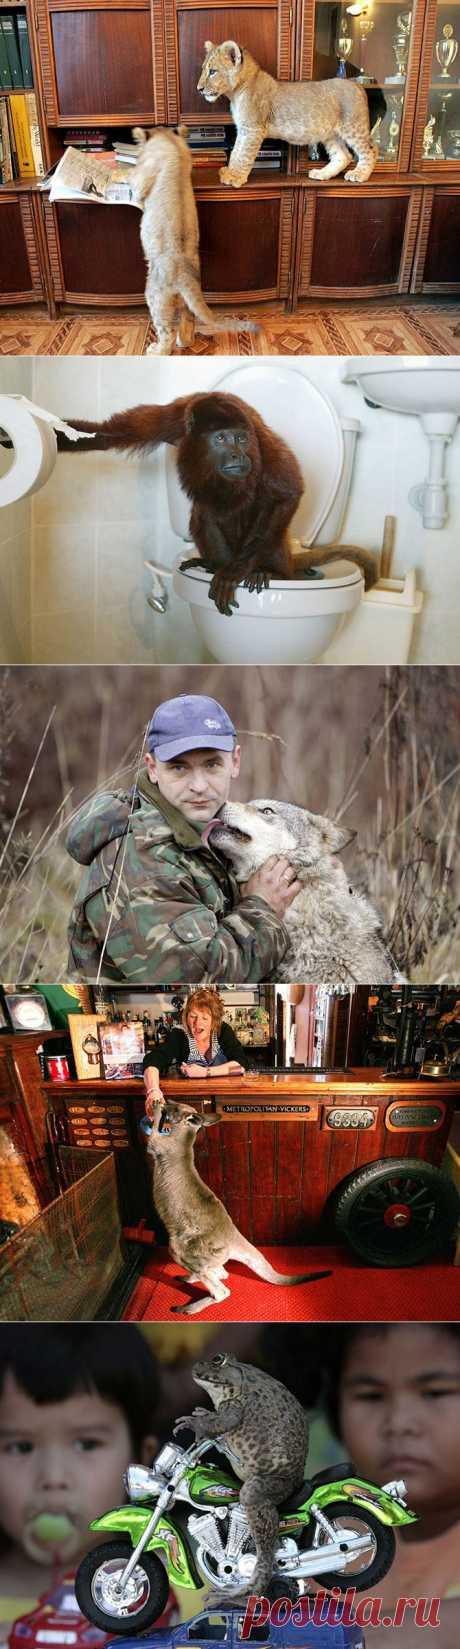 Необычные домашние животные | Fresher - Лучшее из Рунета за день